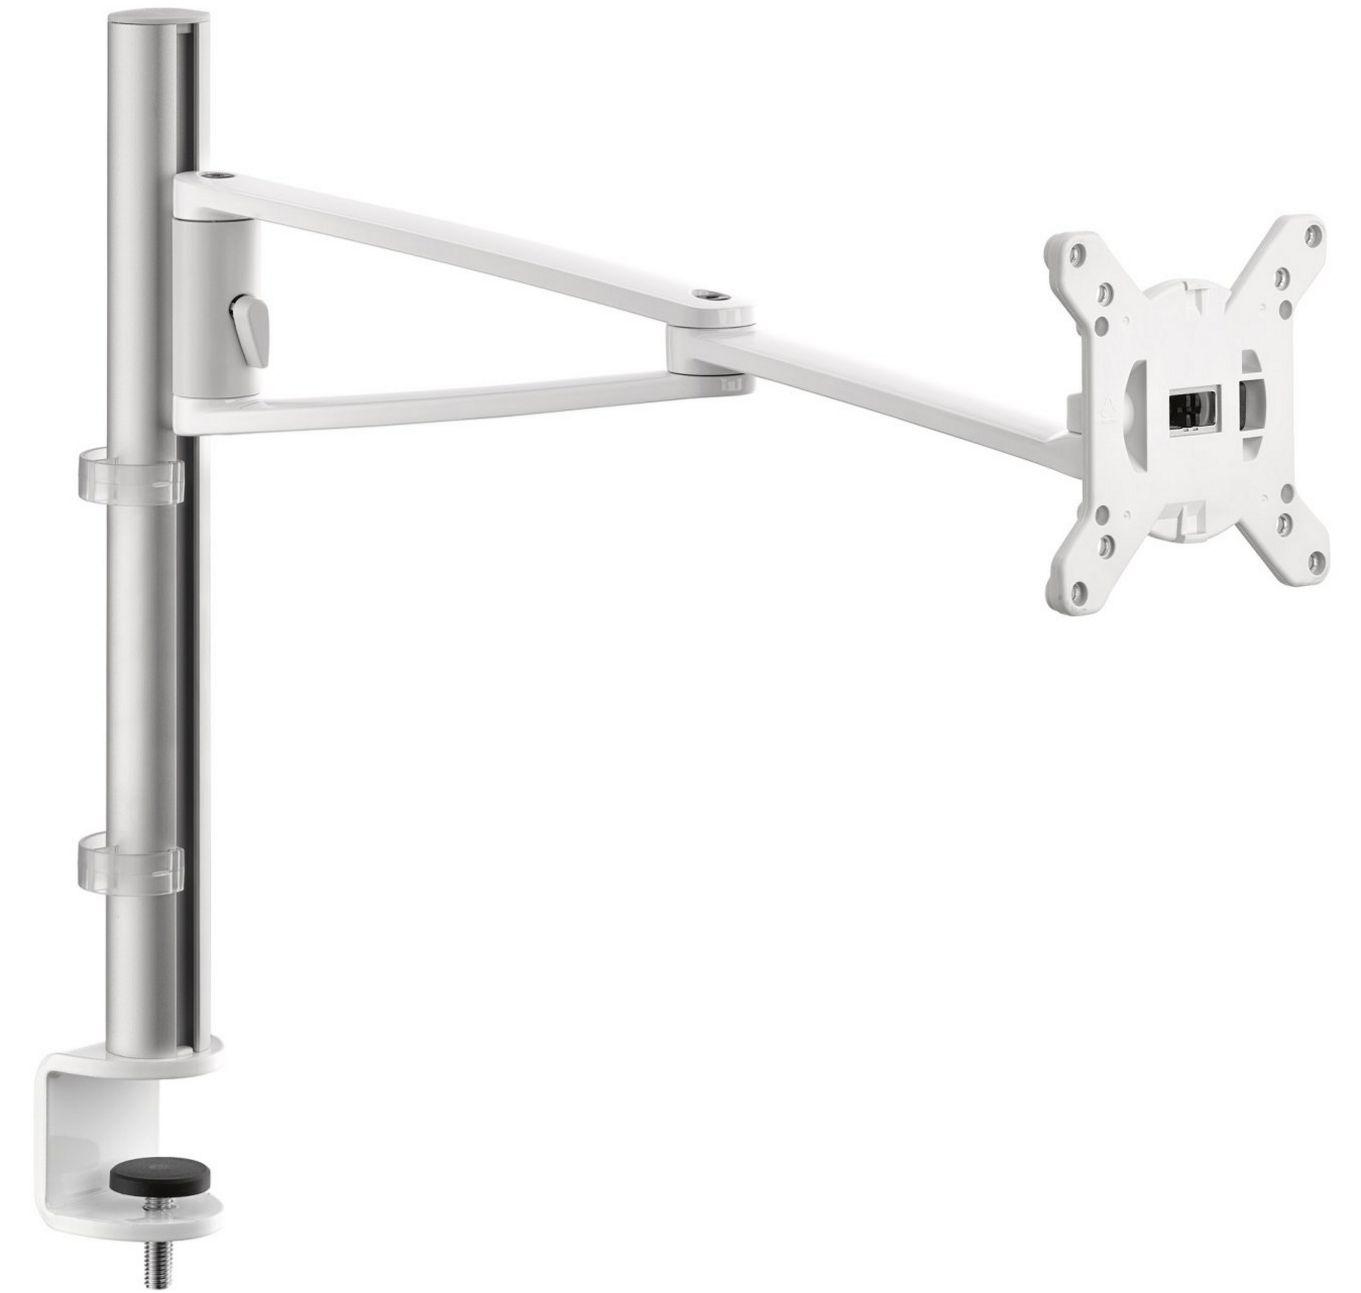 Monitor-Schreibtischhalterung 360 Grad drehbaren Monitor-Schwenkarm